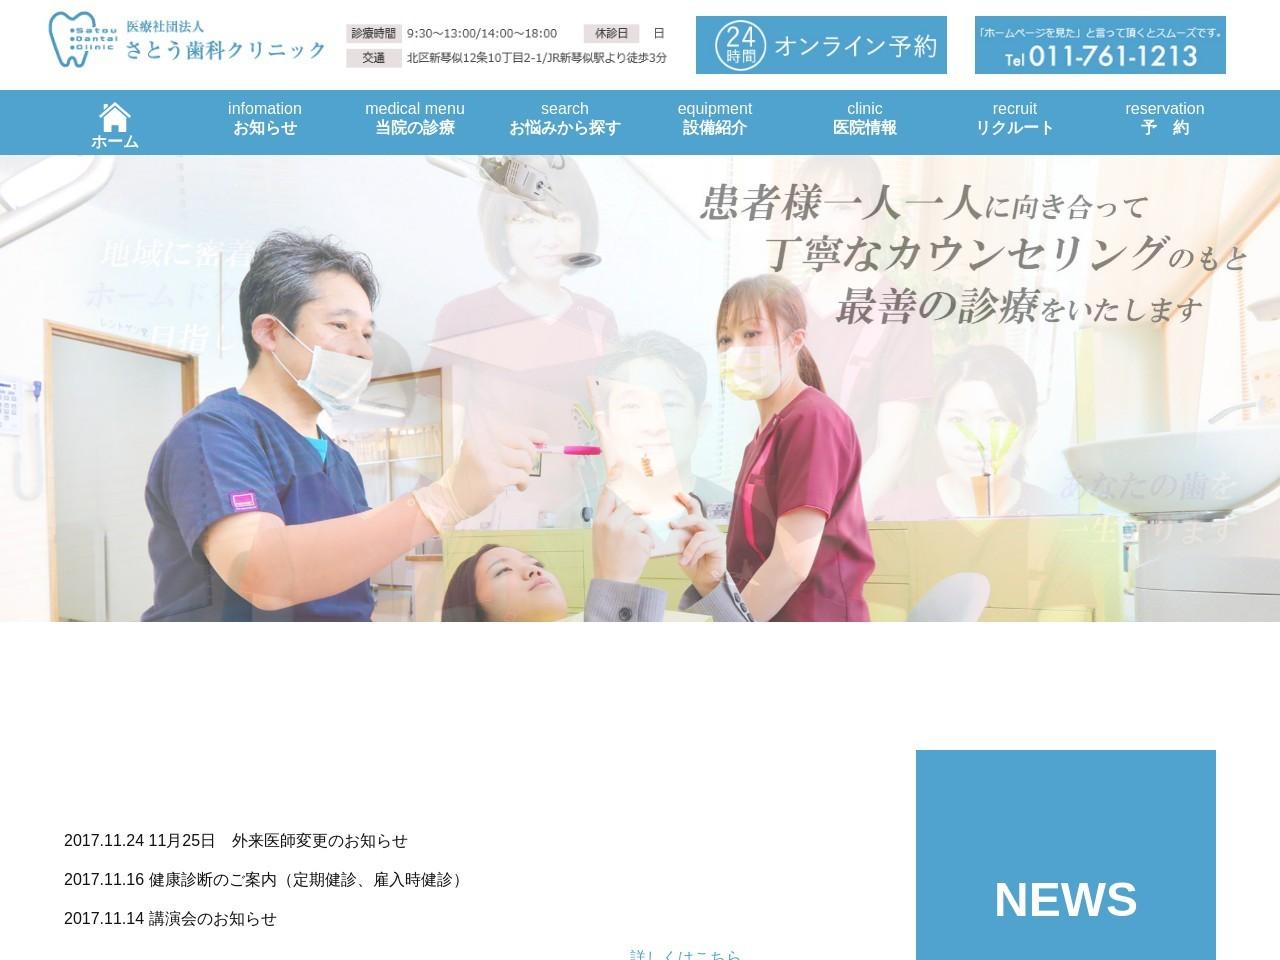 医療法人社団  さとう歯科クリニック (北海道札幌市北区)